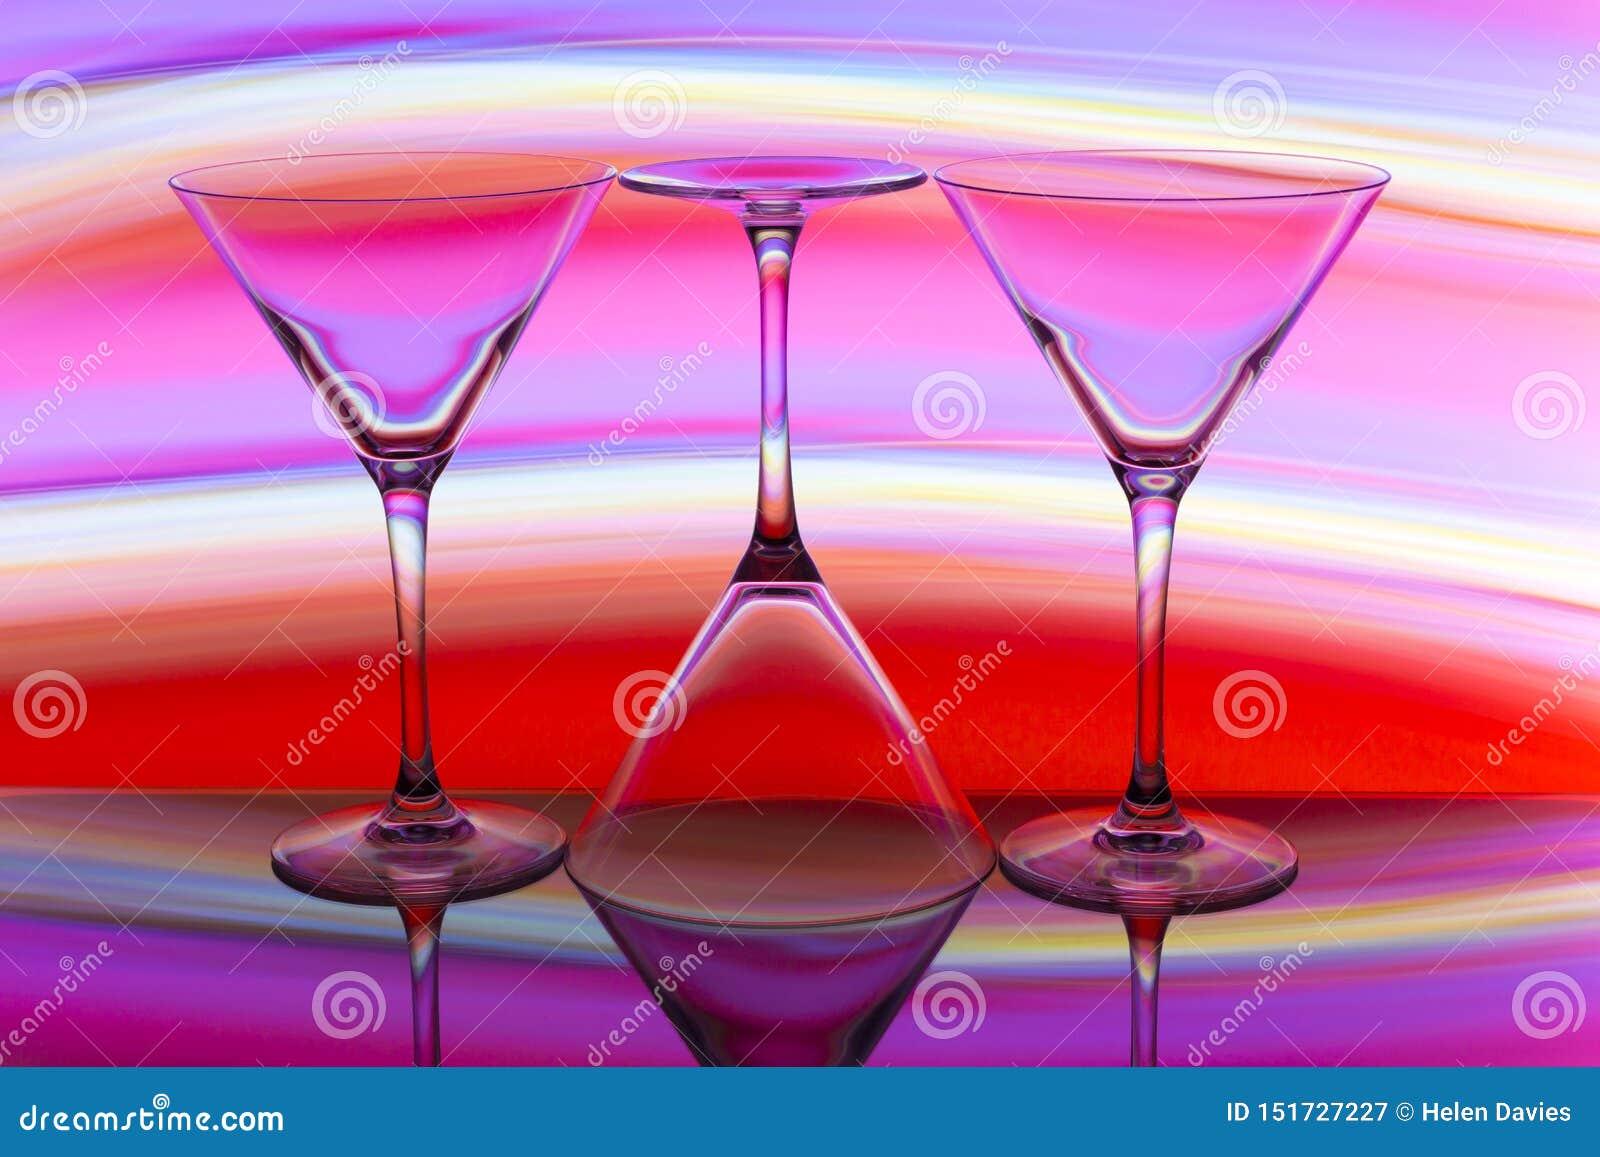 三块鸡尾酒/马蒂尼鸡尾酒玻璃连续与颜色彩虹在他们后